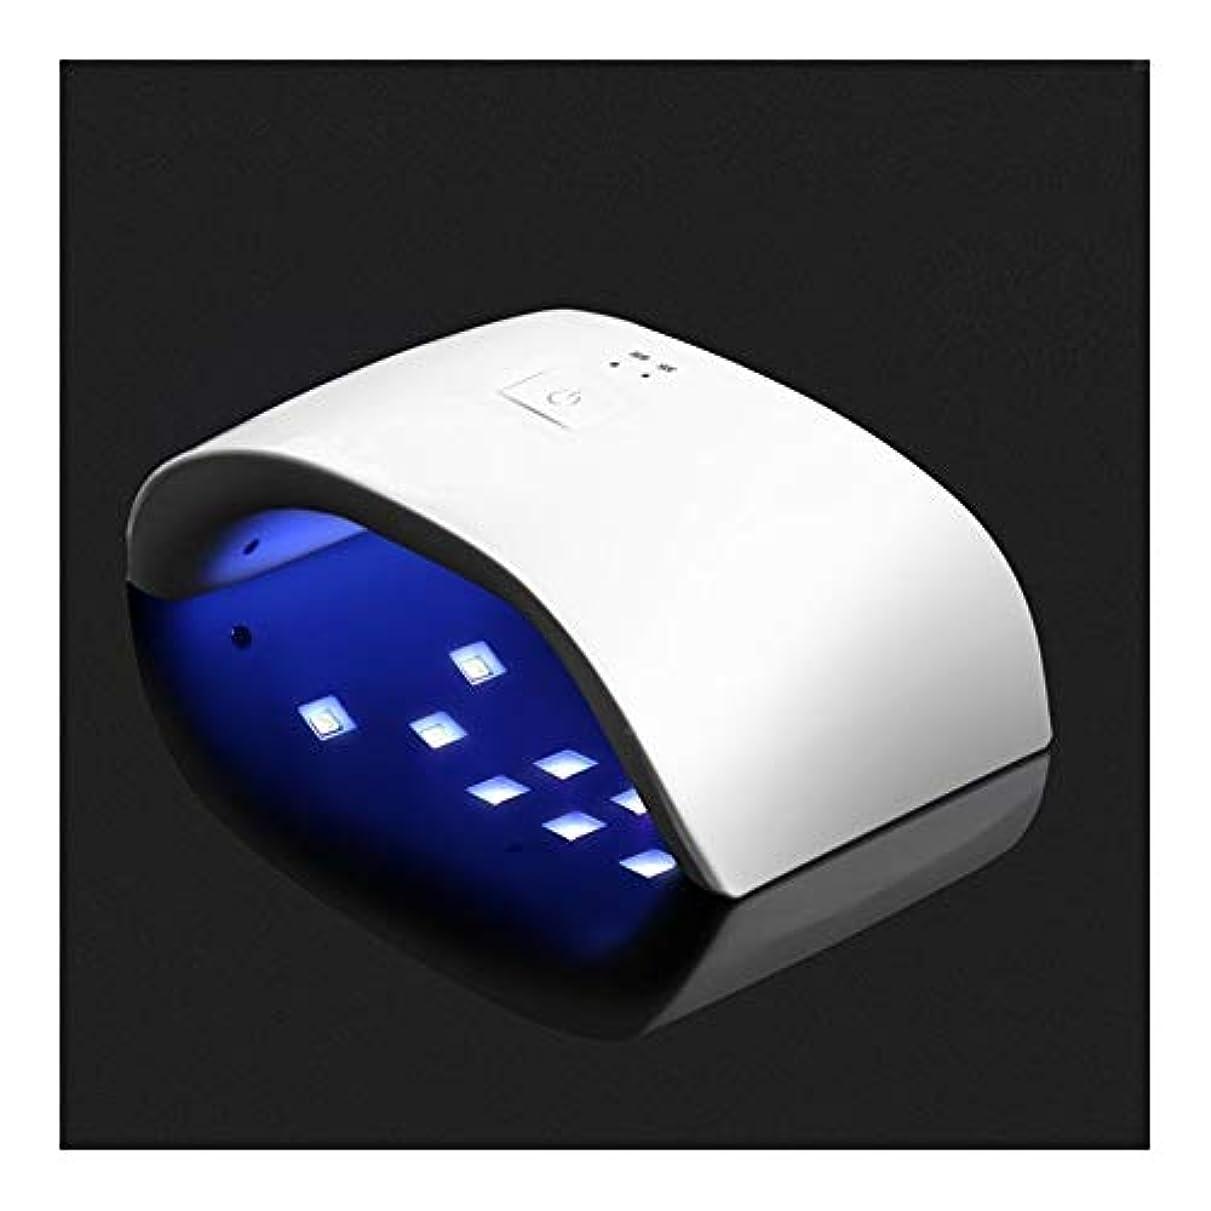 絶望命令未接続LittleCat 36WネイルUV誘導機ドライヤースマート主導ネイルポリッシュプラスチックヒートランプライト処理ツール (色 : White)